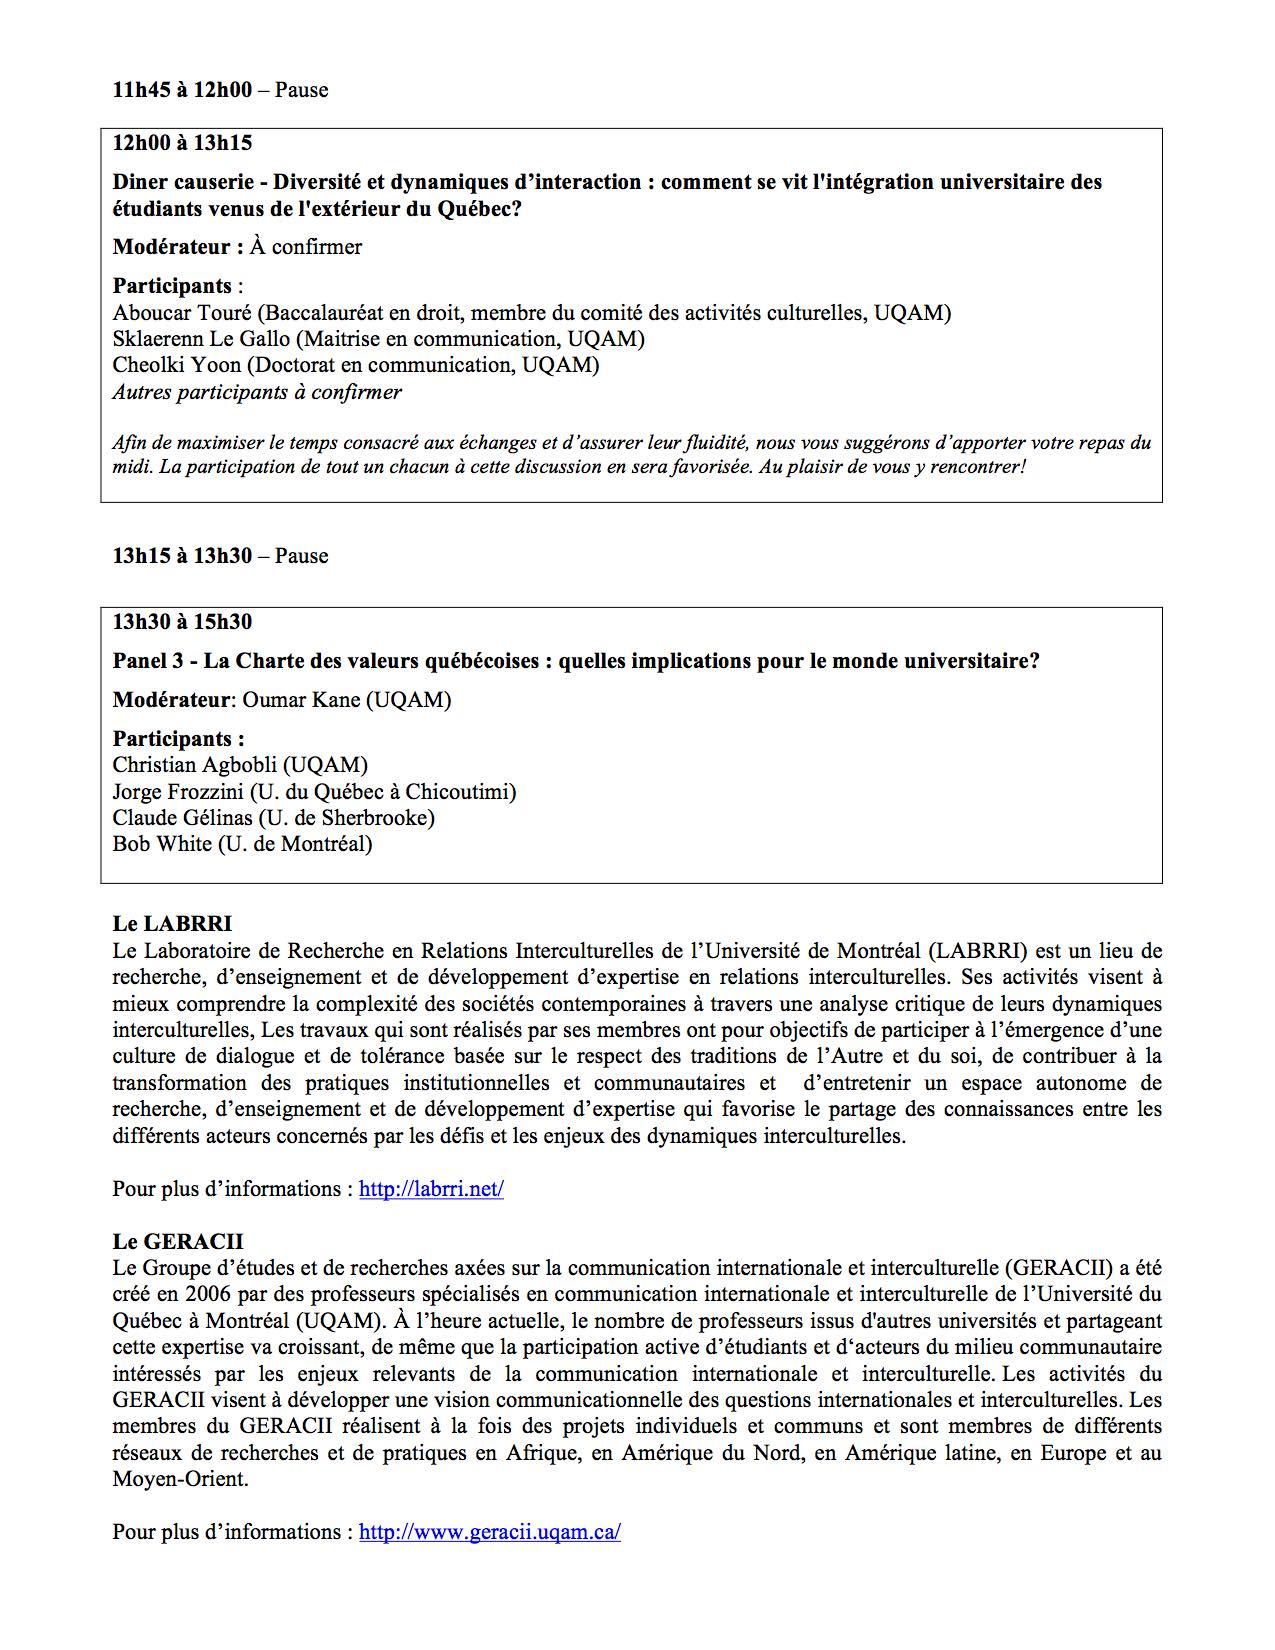 geracii_labrri_15novembre-copie2